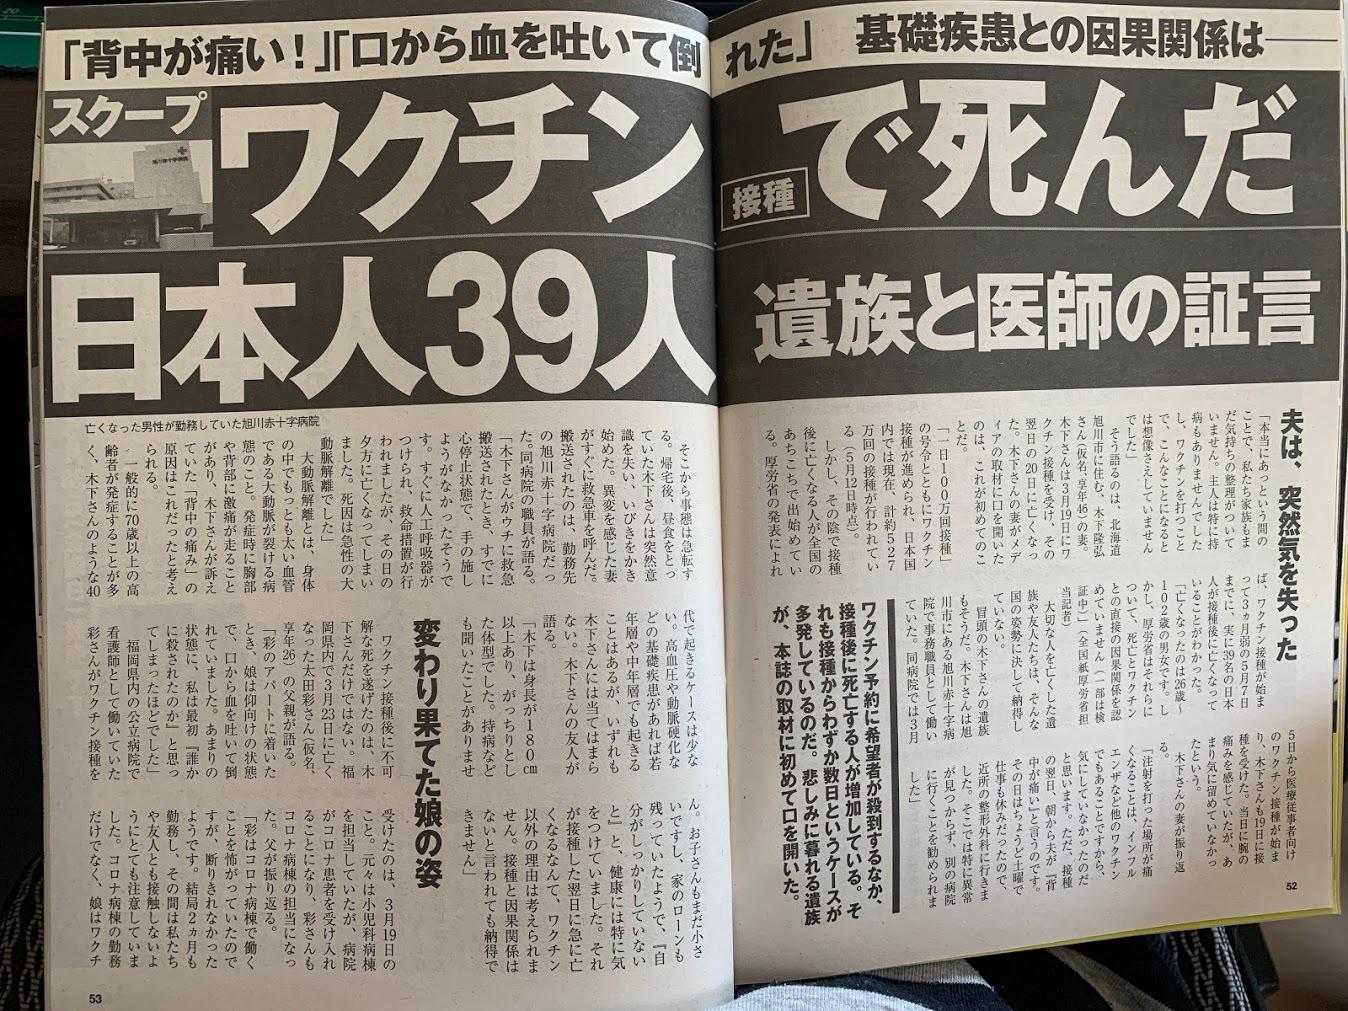 【超ド級:コロナ最新情報】日本での大量虐殺!WHOねつ造のパンデミック告発映画製作中!10年前アフリカで赤十字がワクチンを打って殺した「エボラの真相」!エボラやエイズ、ポリオもウイルスはなかった!_e0069900_10312418.jpg